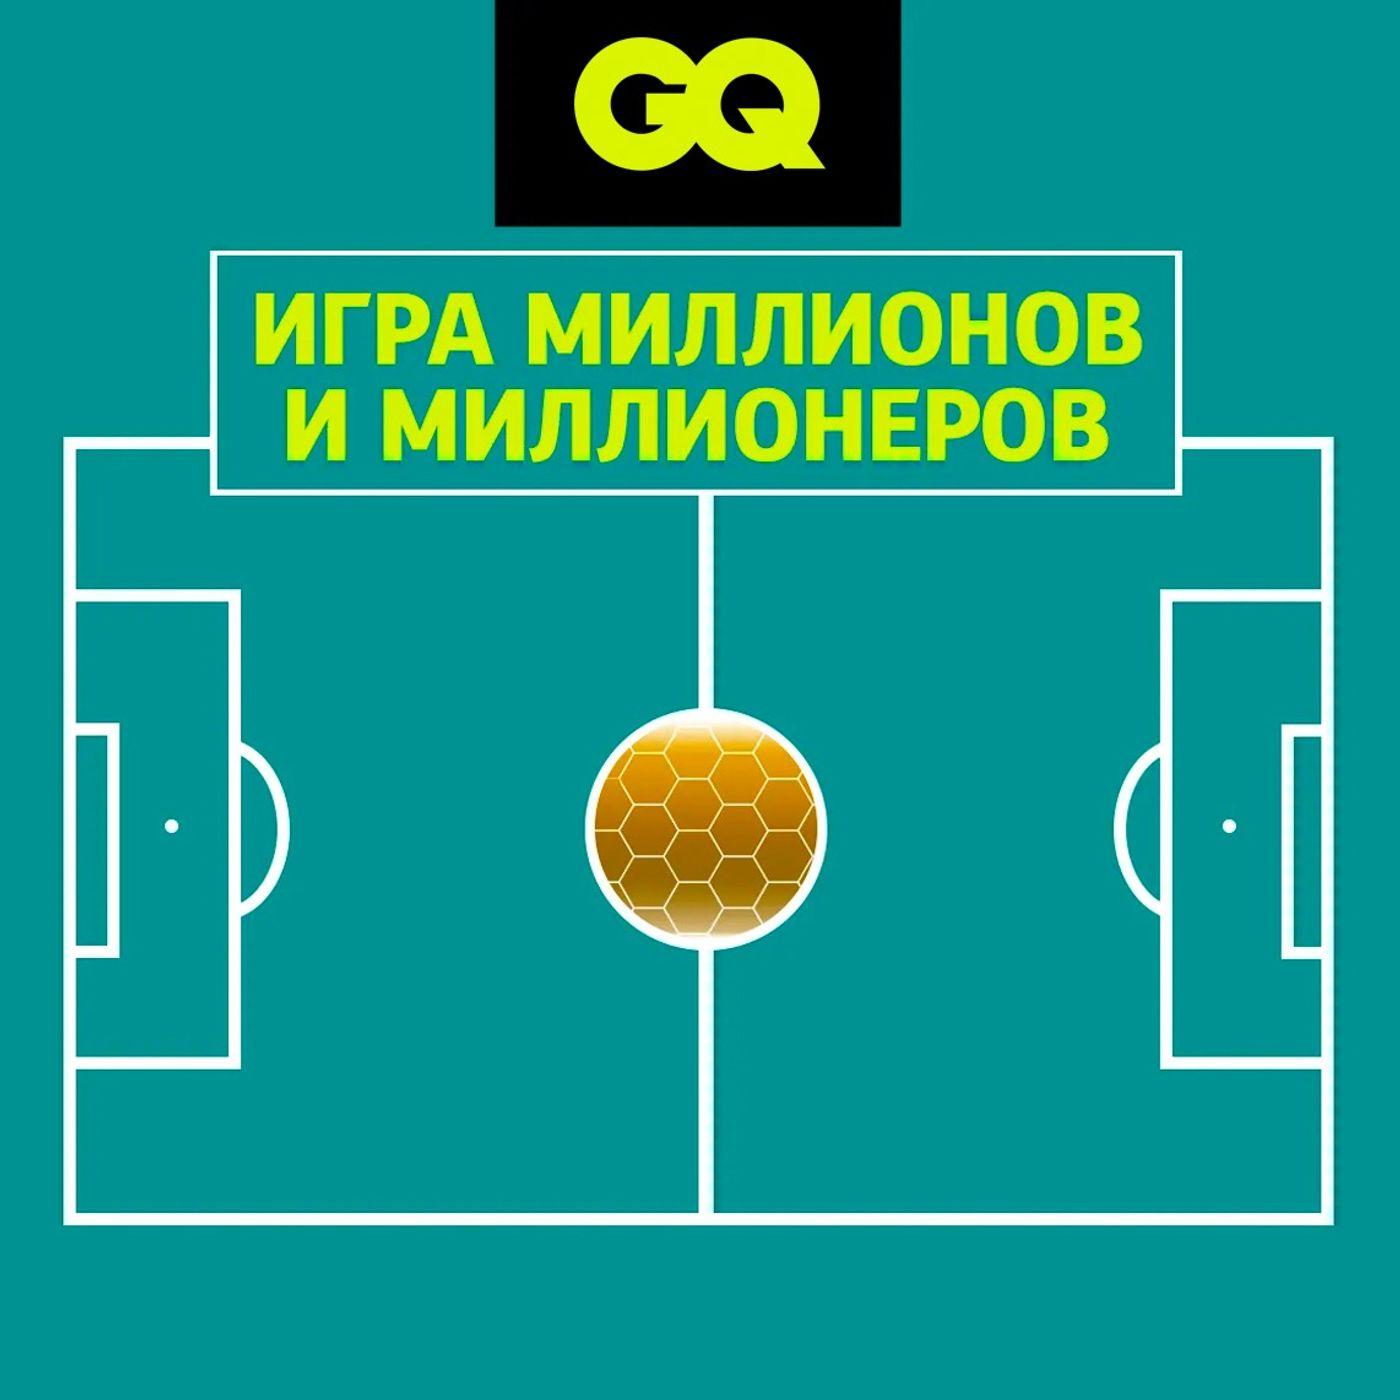 GQ «Игра миллионов и миллионеров»: бразильский «Феномен» и карьерный путь Зинедина Зидана